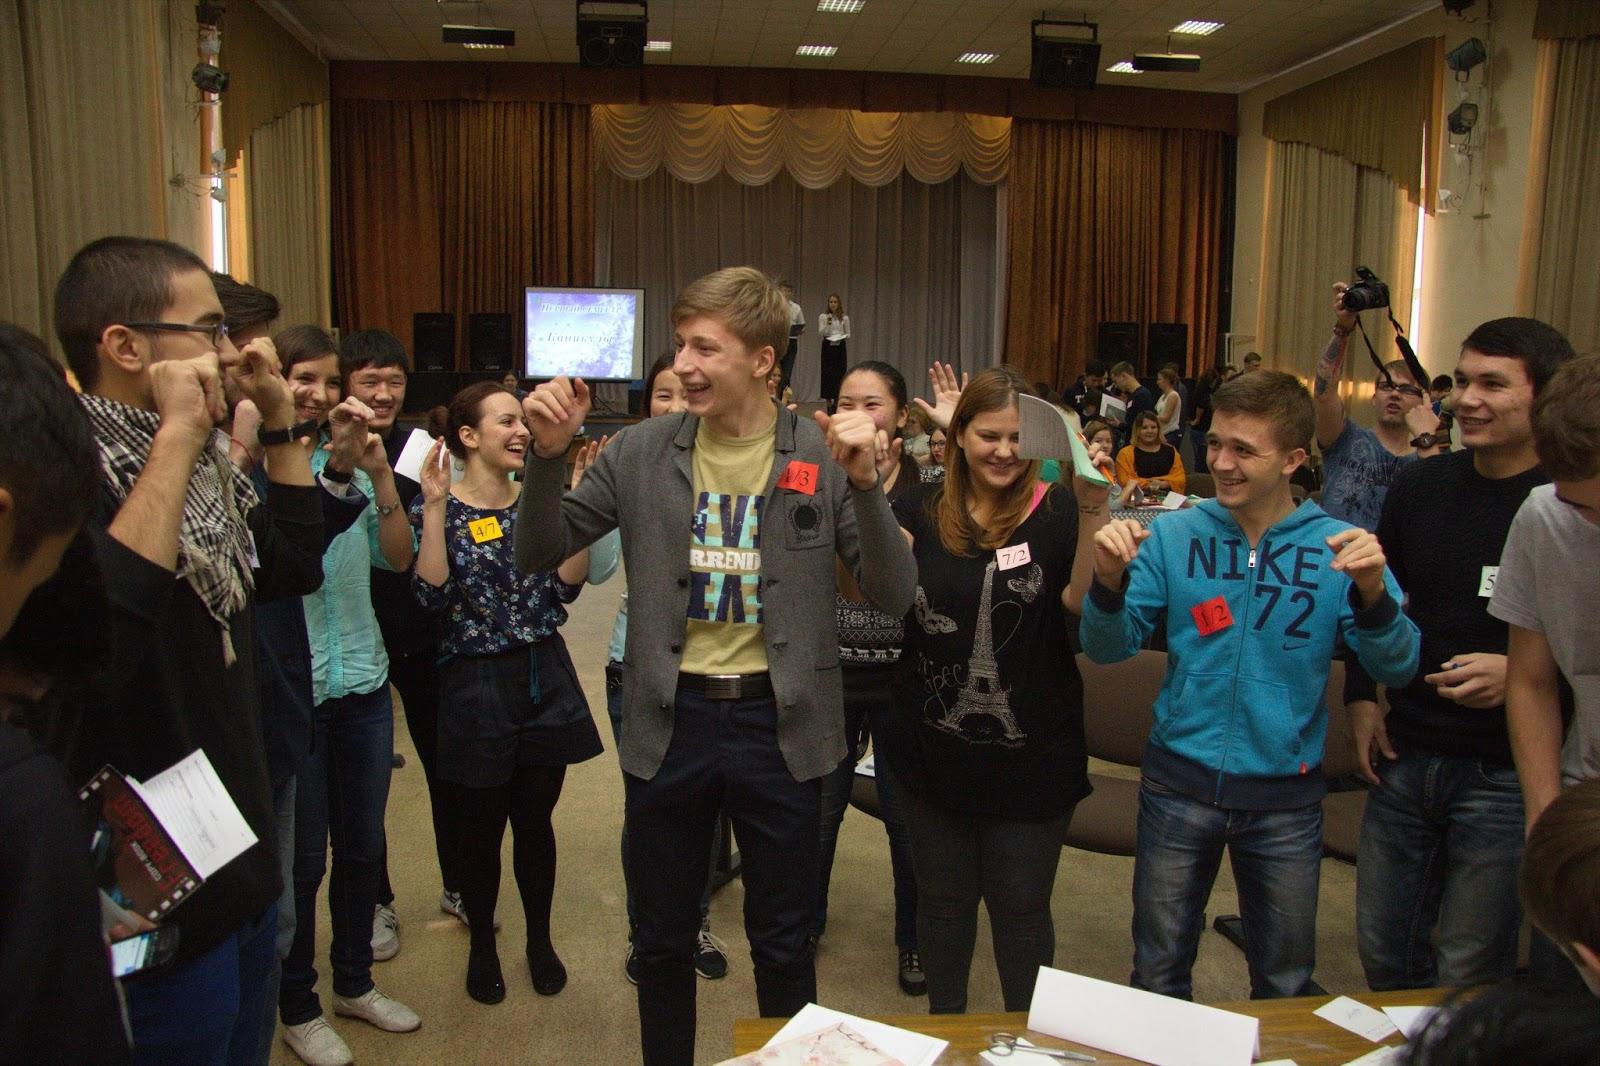 Вузовский клуб ТГАСУ Инженерный диплом за iii часа По итогам игры было вручено 4 диплома студентам активистам 10 студентам отличникам и 4 диплома победителям